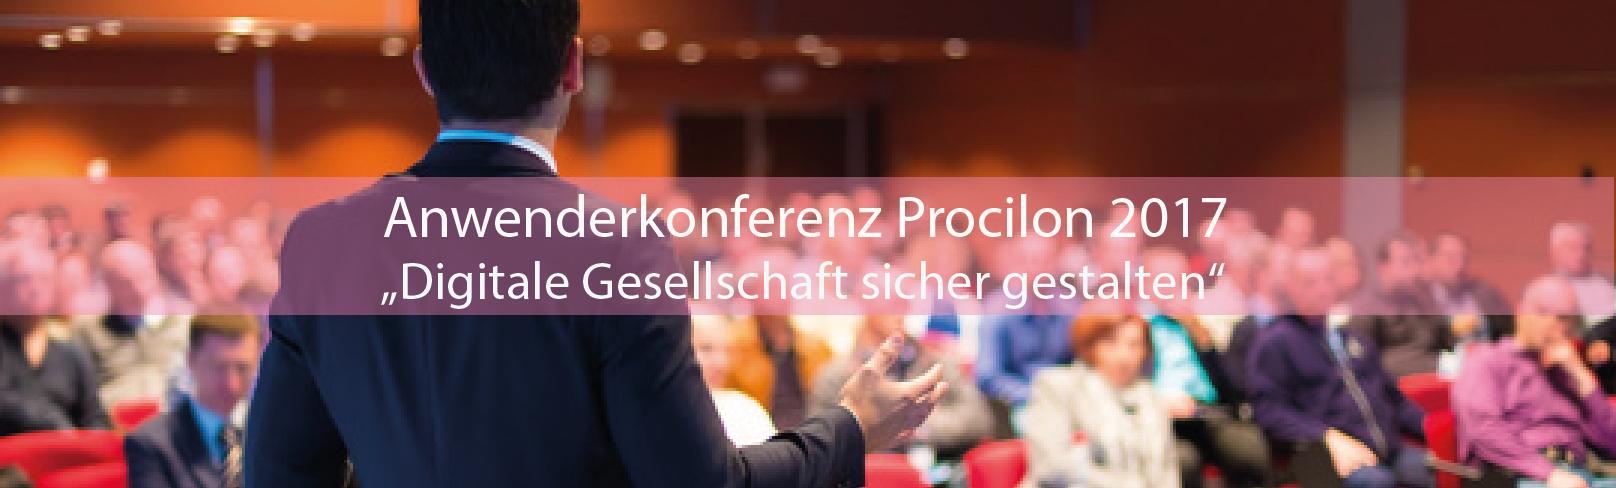 """Anwenderkonferenz Procilon 2017 """"Digitale Gesellschaft sicher gestalten"""""""